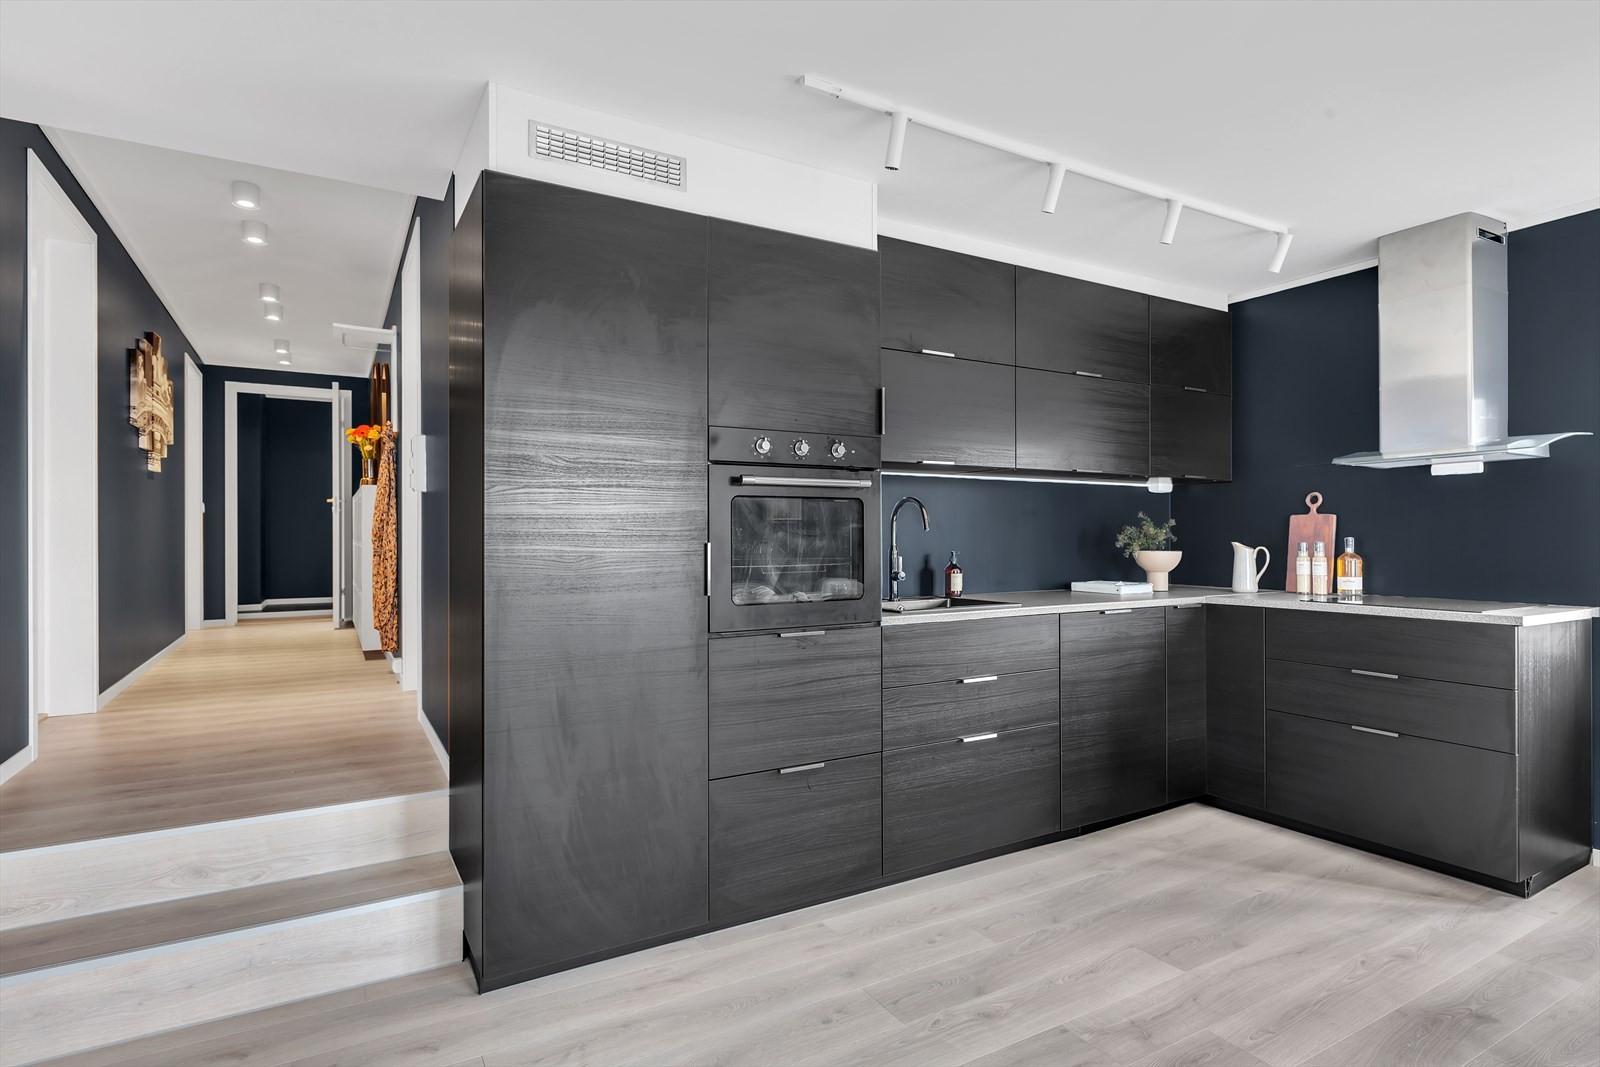 Moderne kjøkken i mørk utførelse